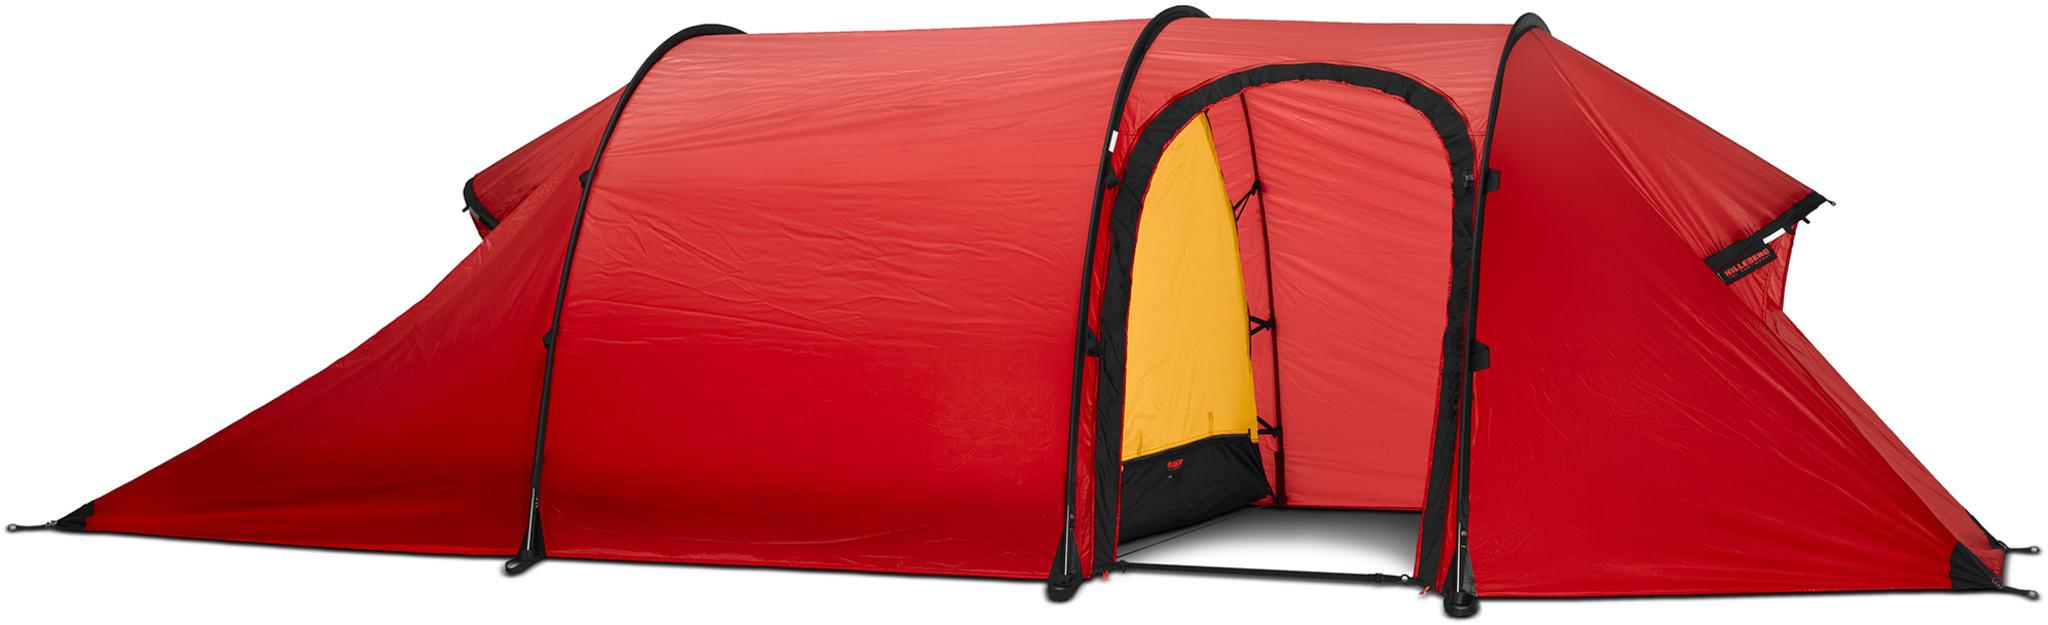 Svært godt telt for 2 når ytelse er like viktig som vekt